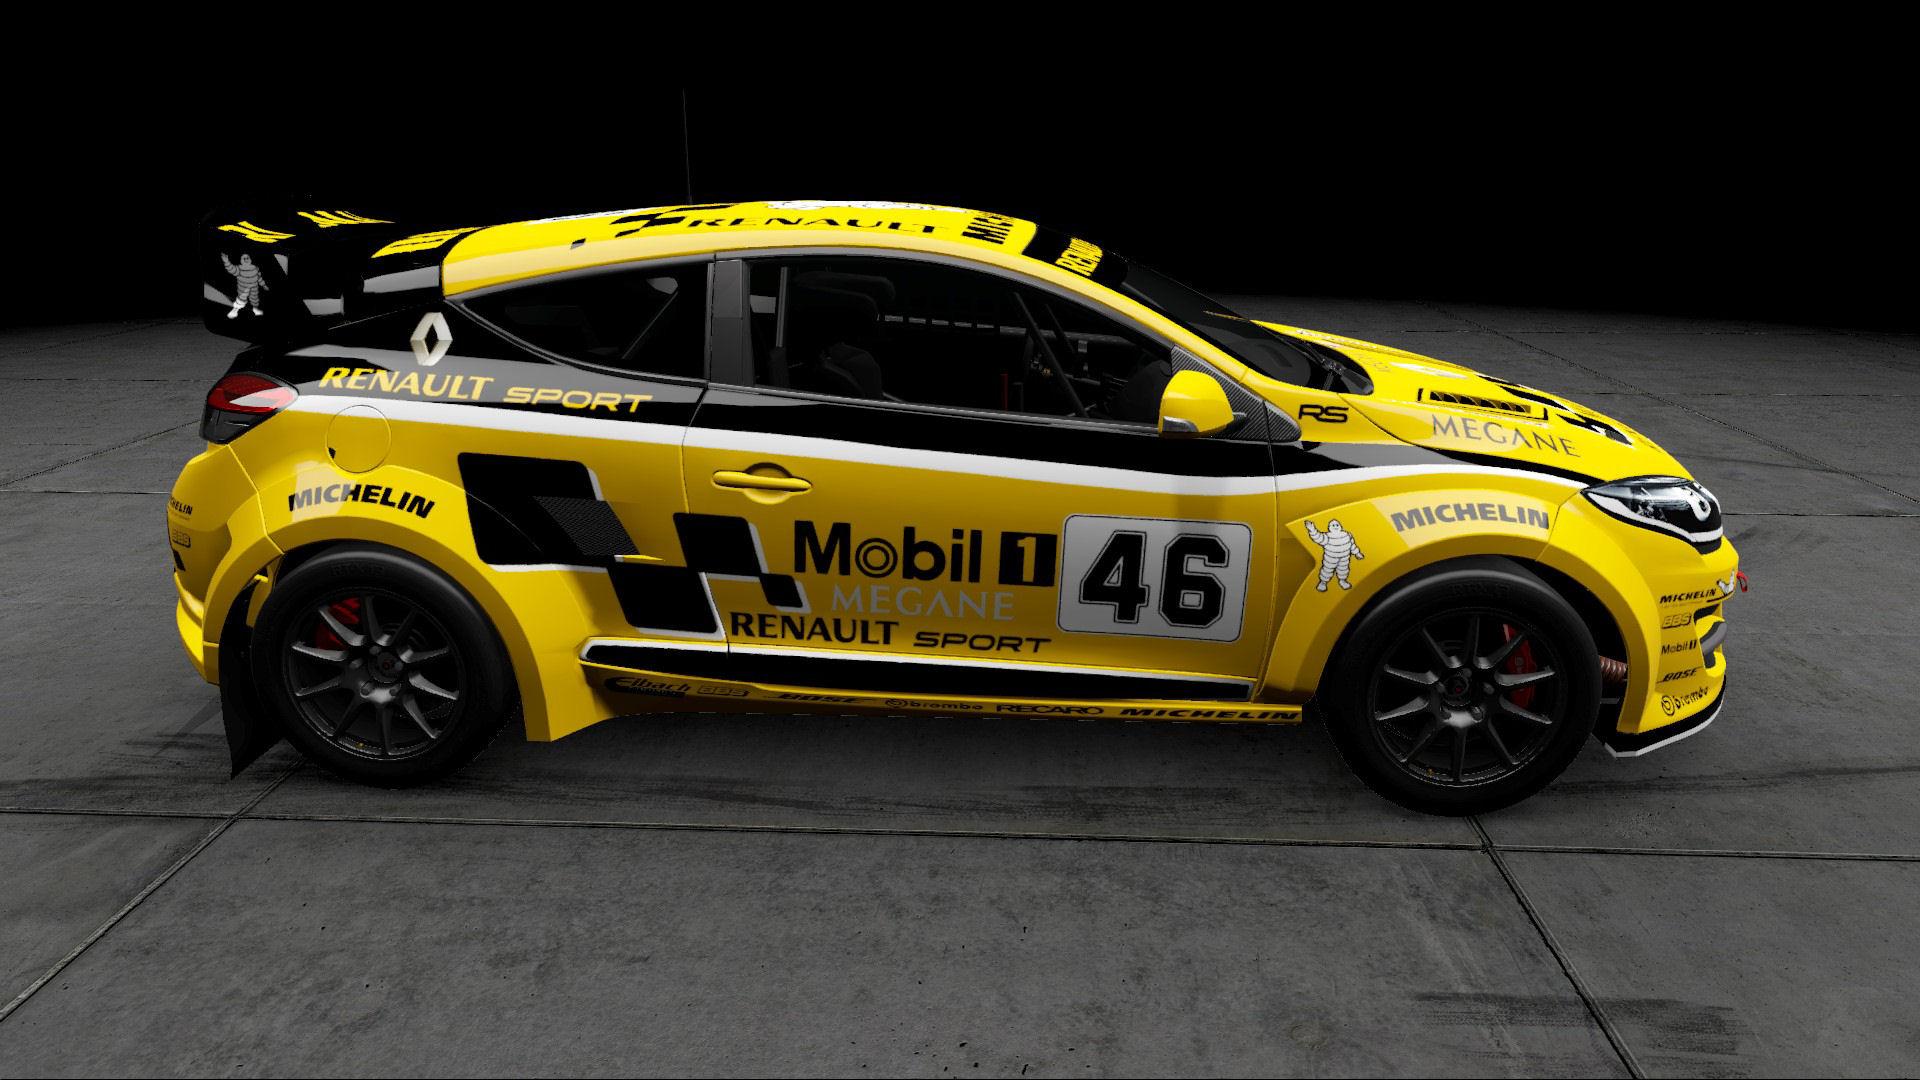 RS Renault Megane RX v2 02.jpg